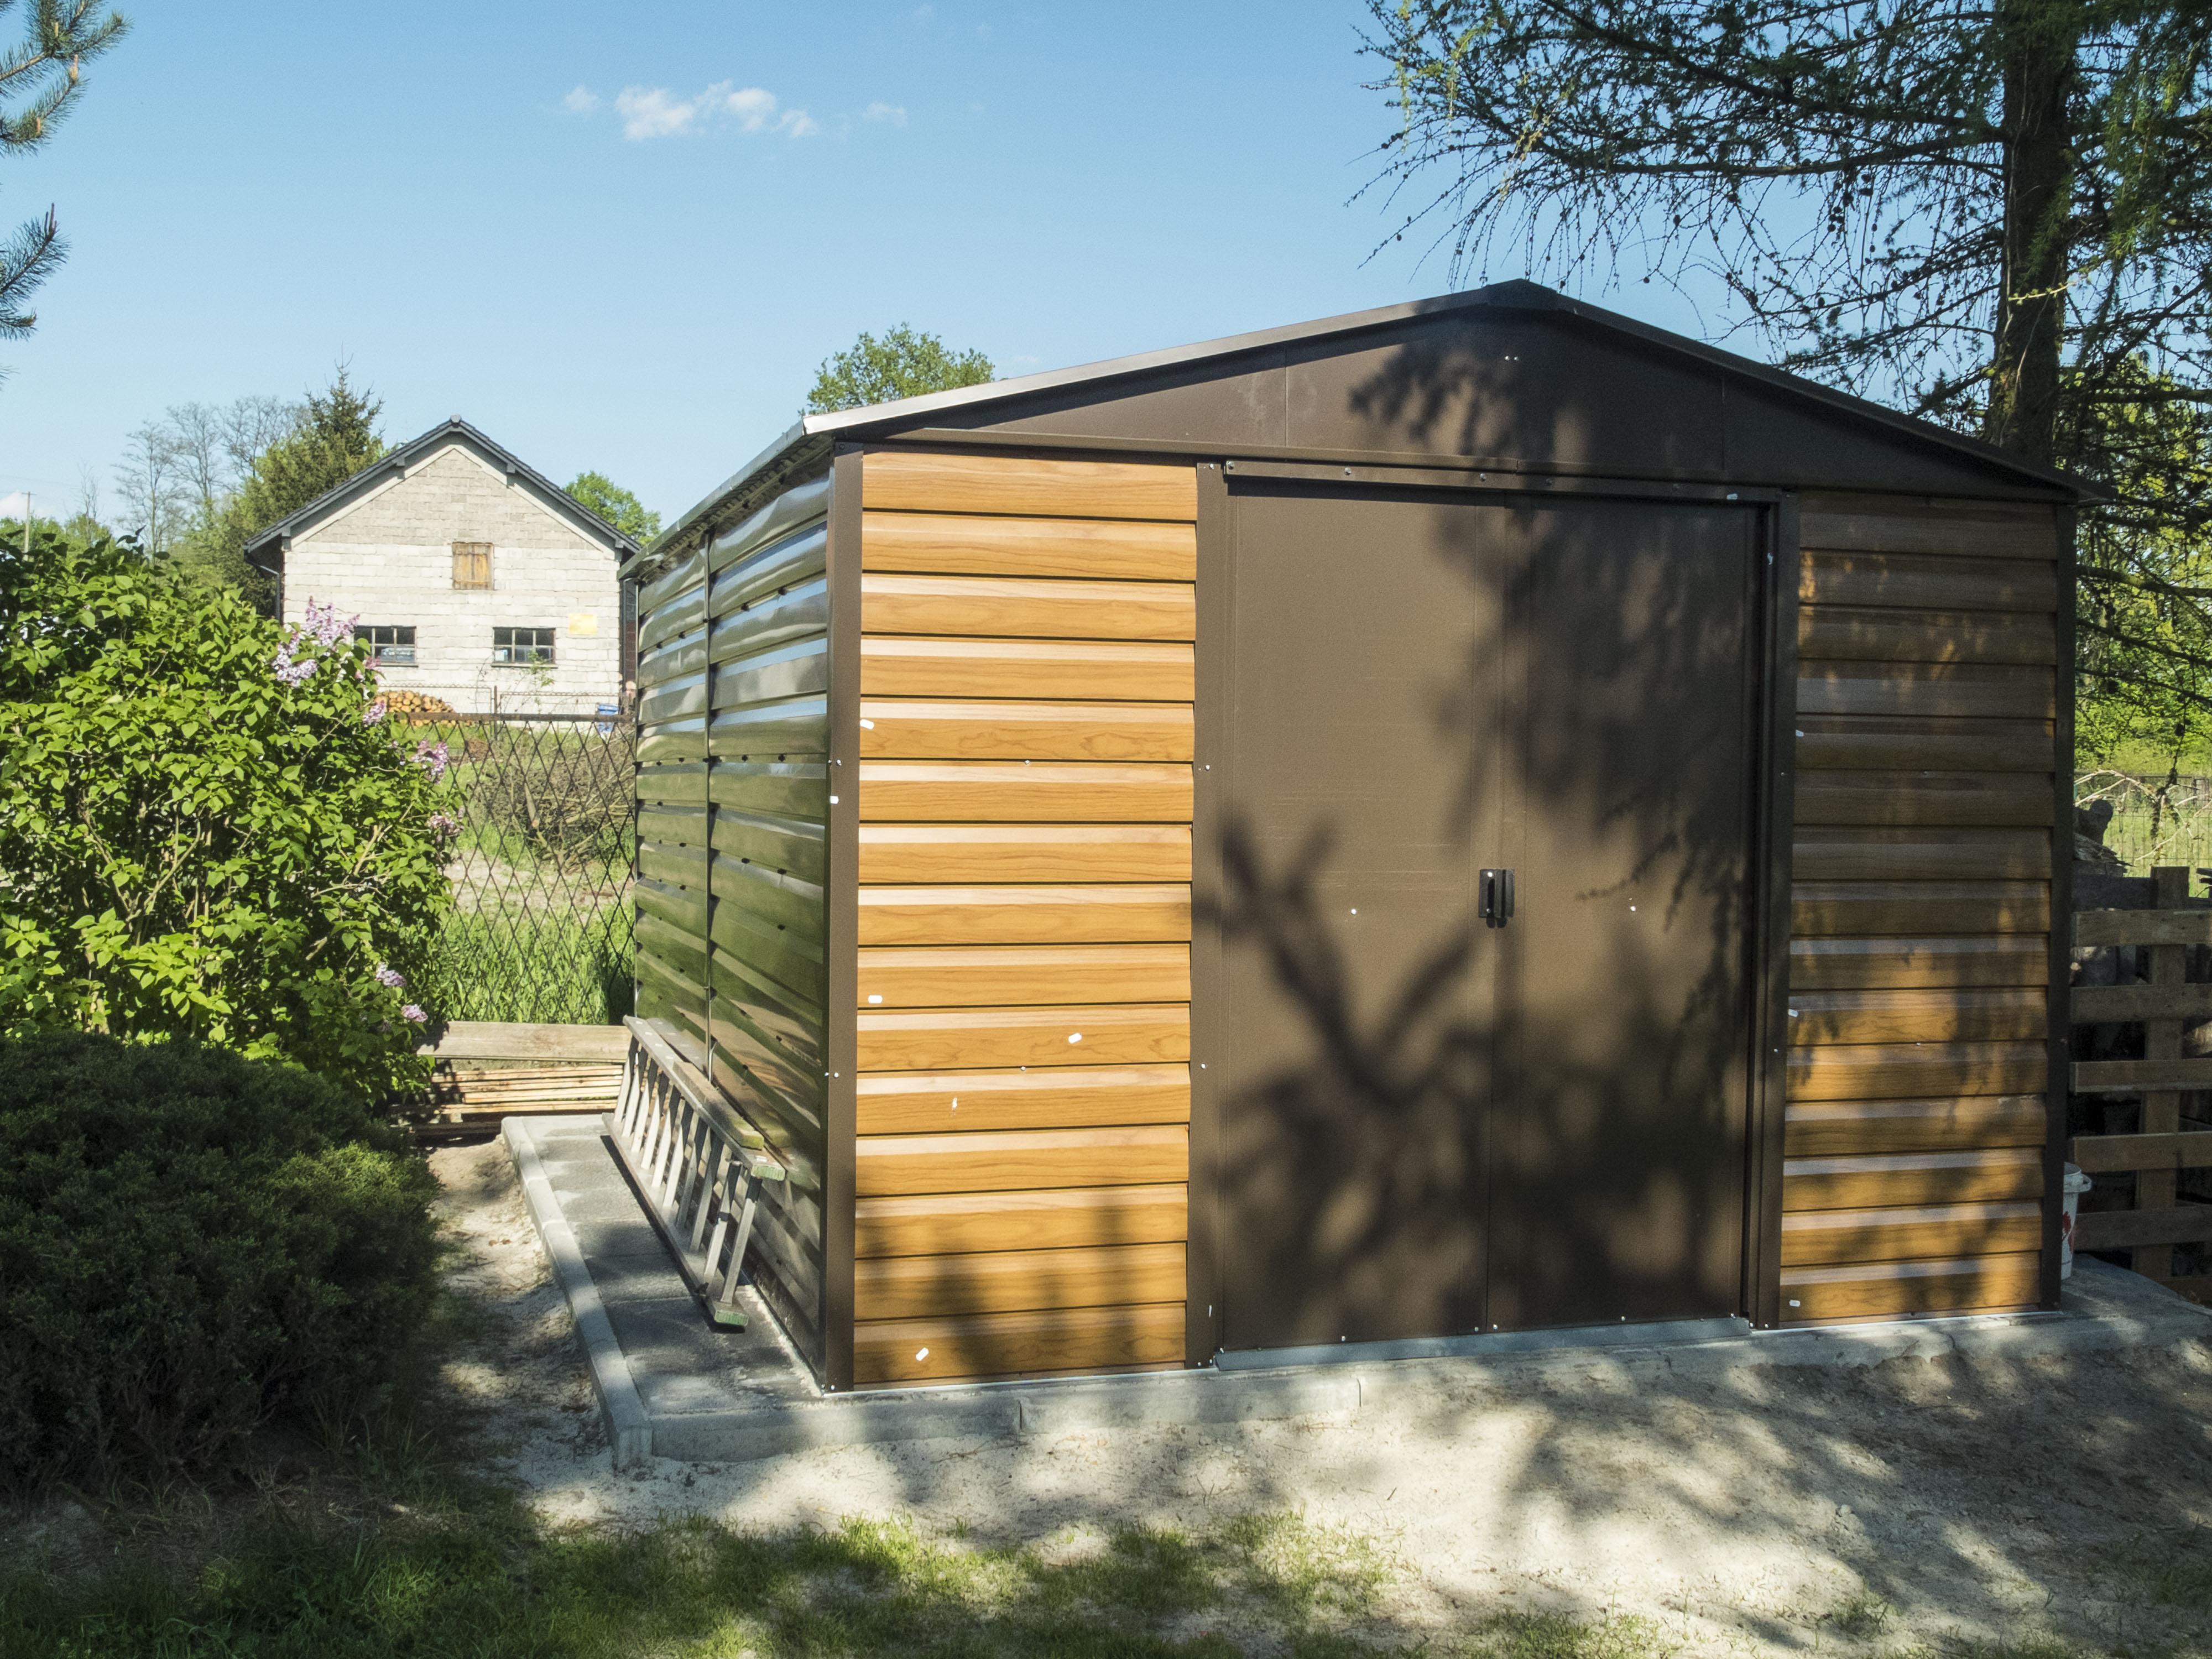 Fot. Brązowy metalowy domek Yardmaster